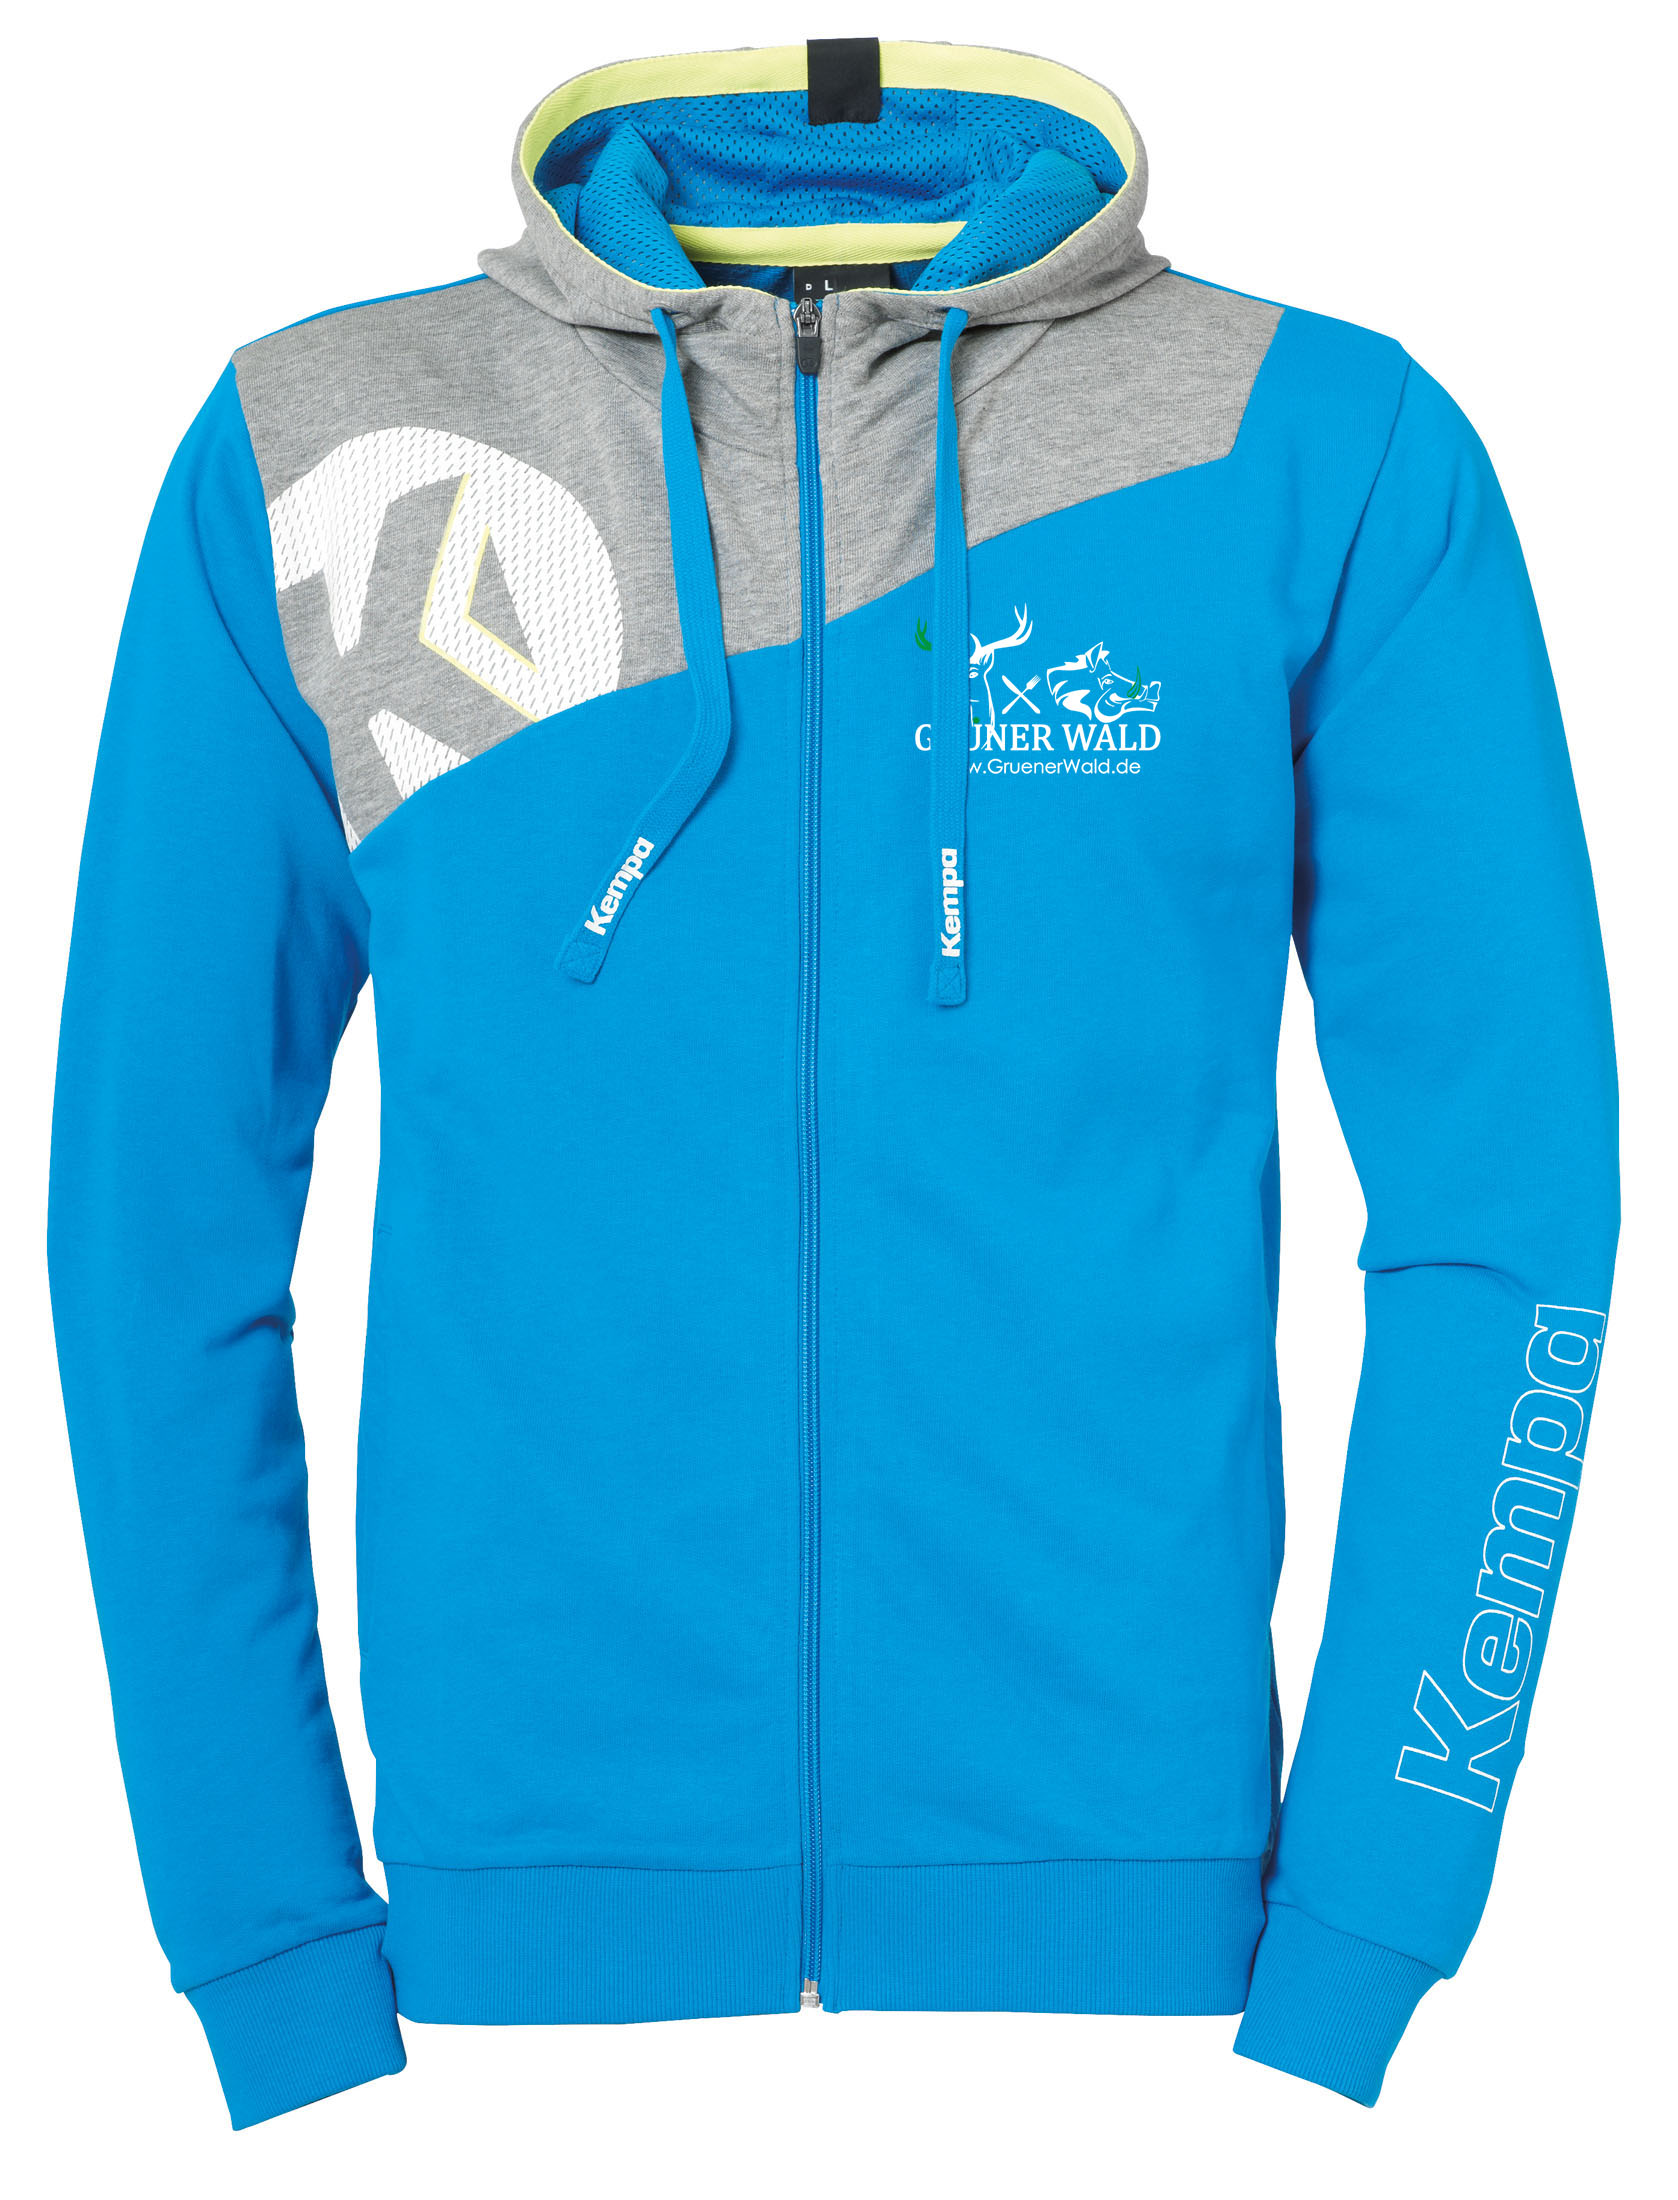 Kempa Core 2.0 Hood Jacket